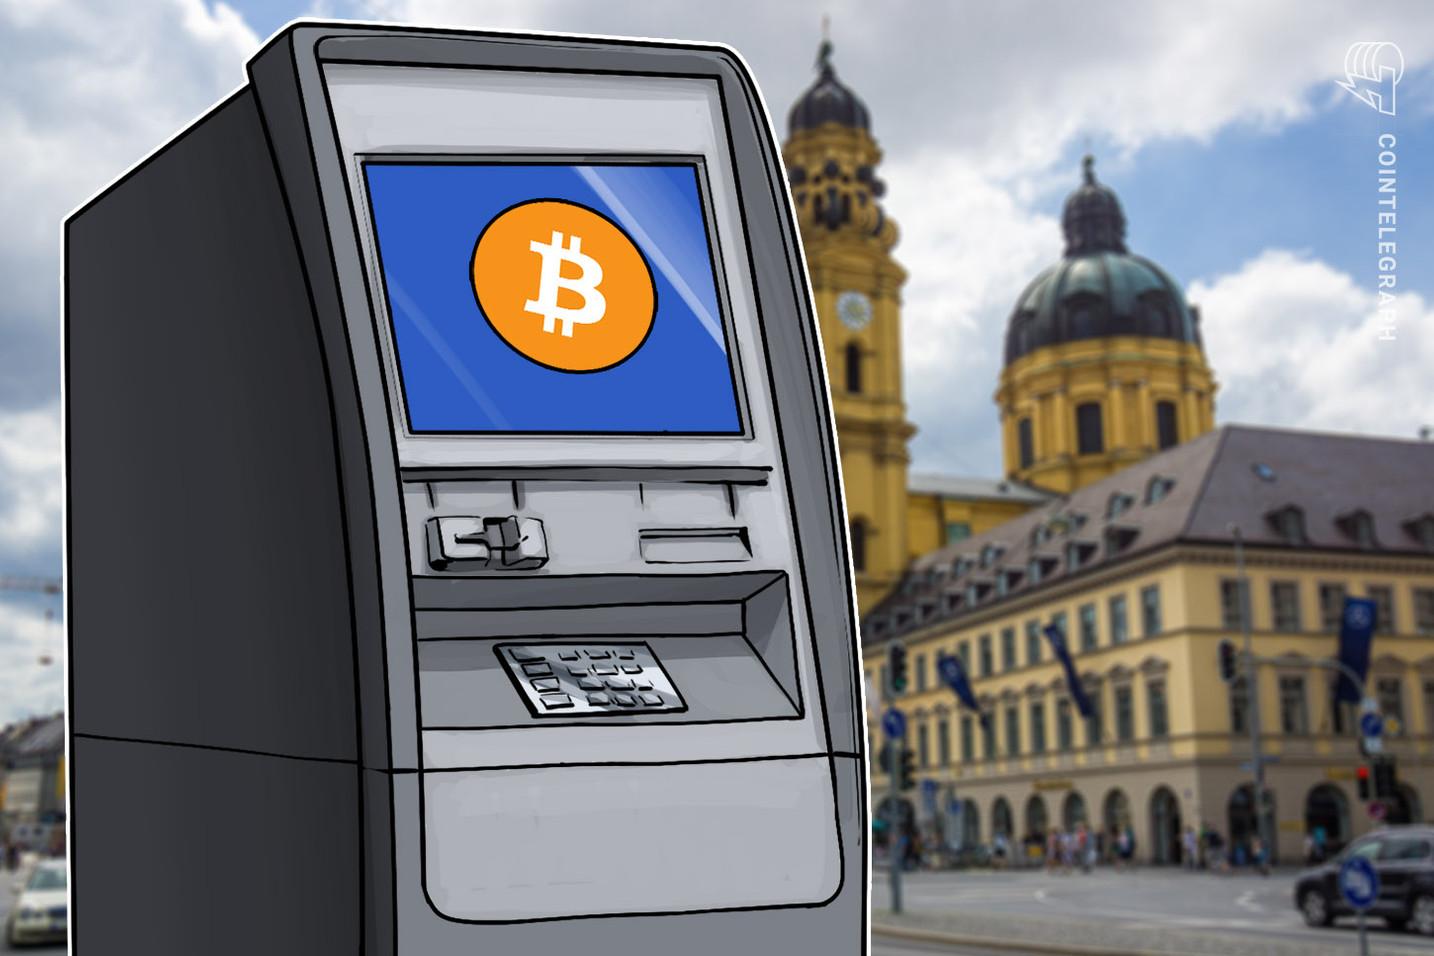 Berliner Urteil ebnet Weg für ersten deutschen Bitcoin-Geldautomaten